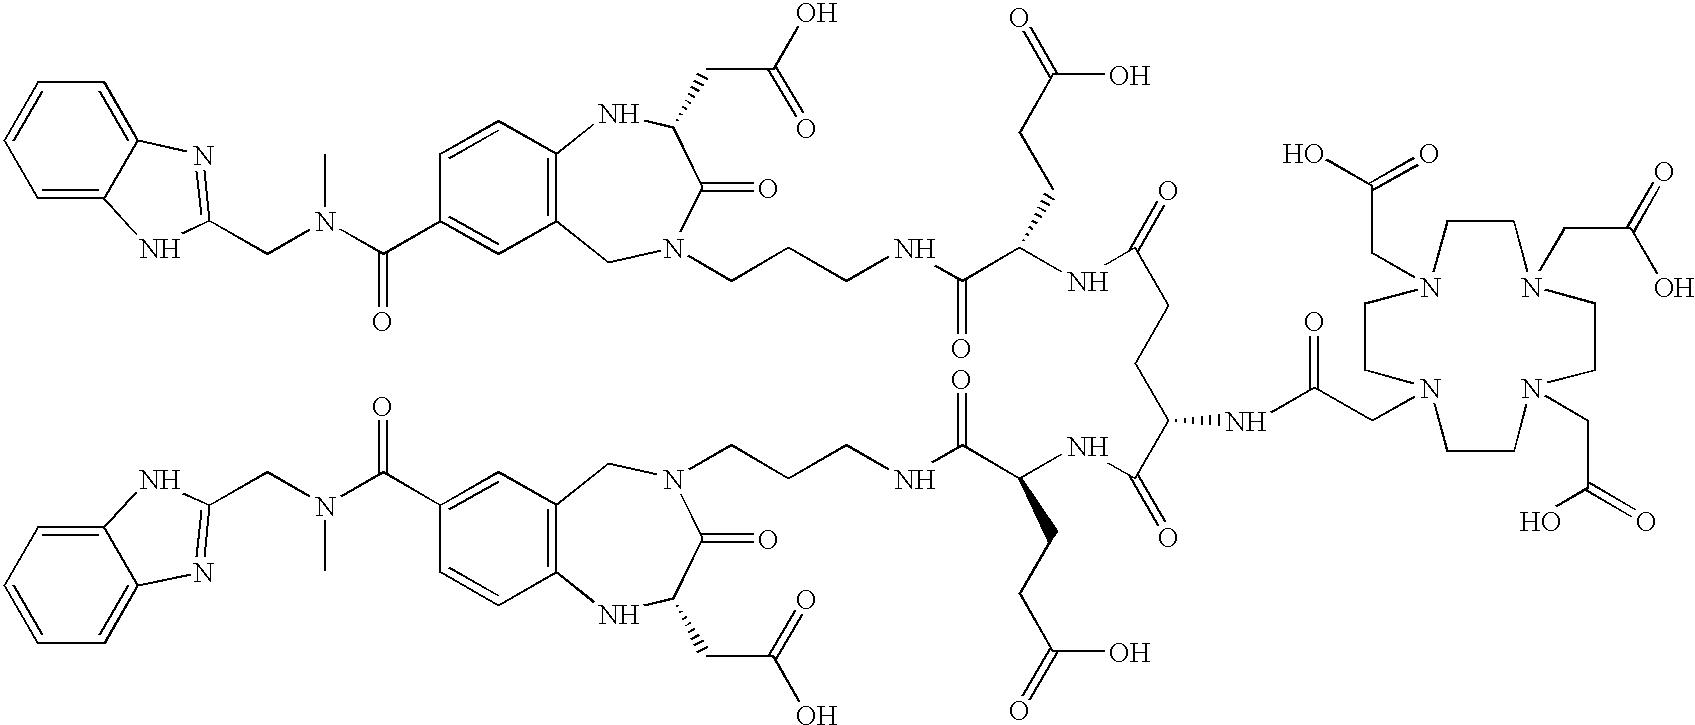 Figure US06558649-20030506-C00120